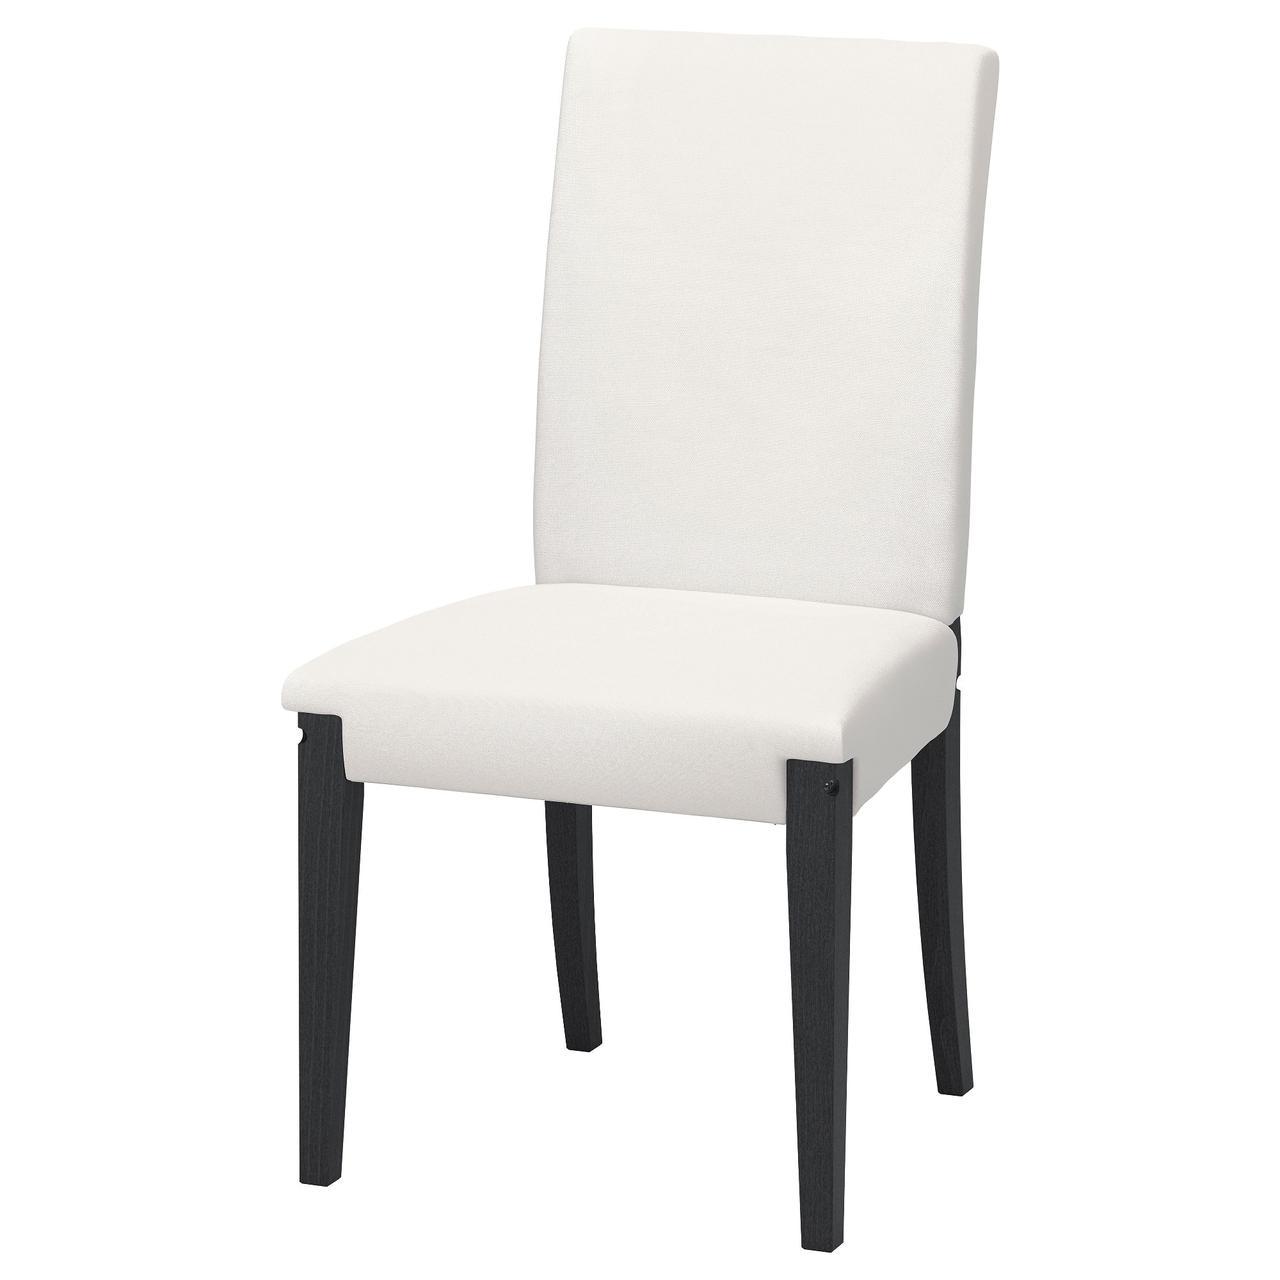 Кресло кухонное IKEA HENRIKSDAL черно-коричневое белое 303.610.38